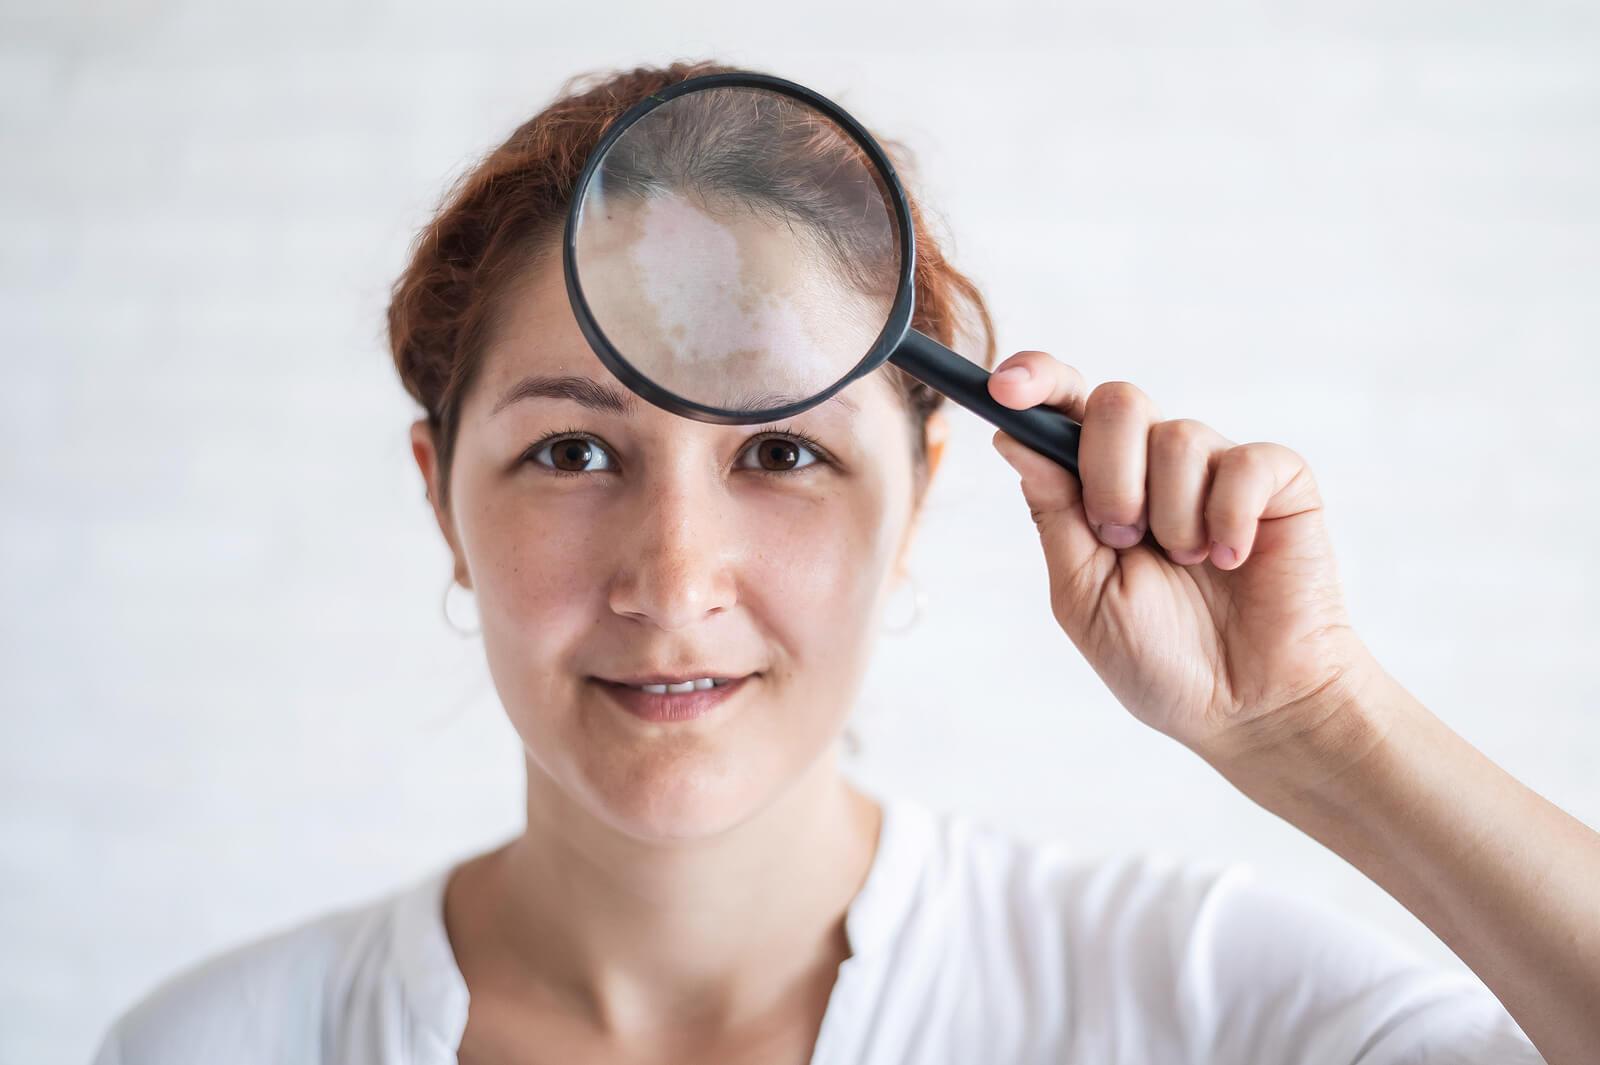 Manchas en la cara: causas, tipos y tratamientos